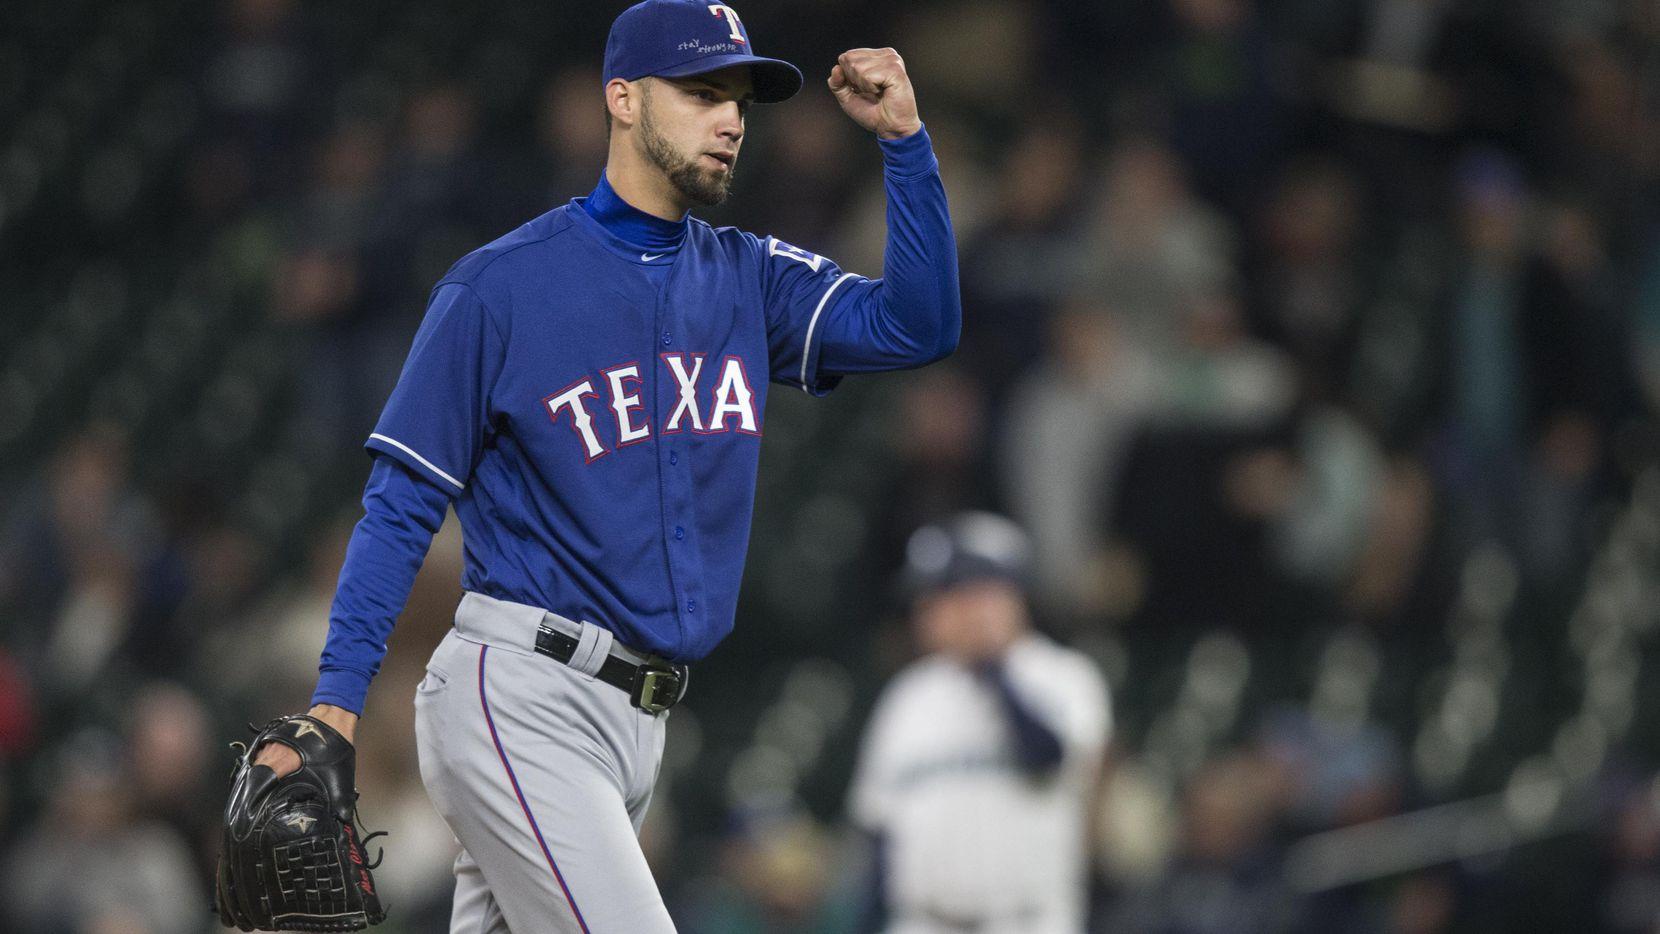 El lanzador relevista Alex Claudio levanta el brazo al asegurar la victoria de los Texas Rangers 8-6 sobre los Mariners de Seattle, el miércoles.(Getty Images)